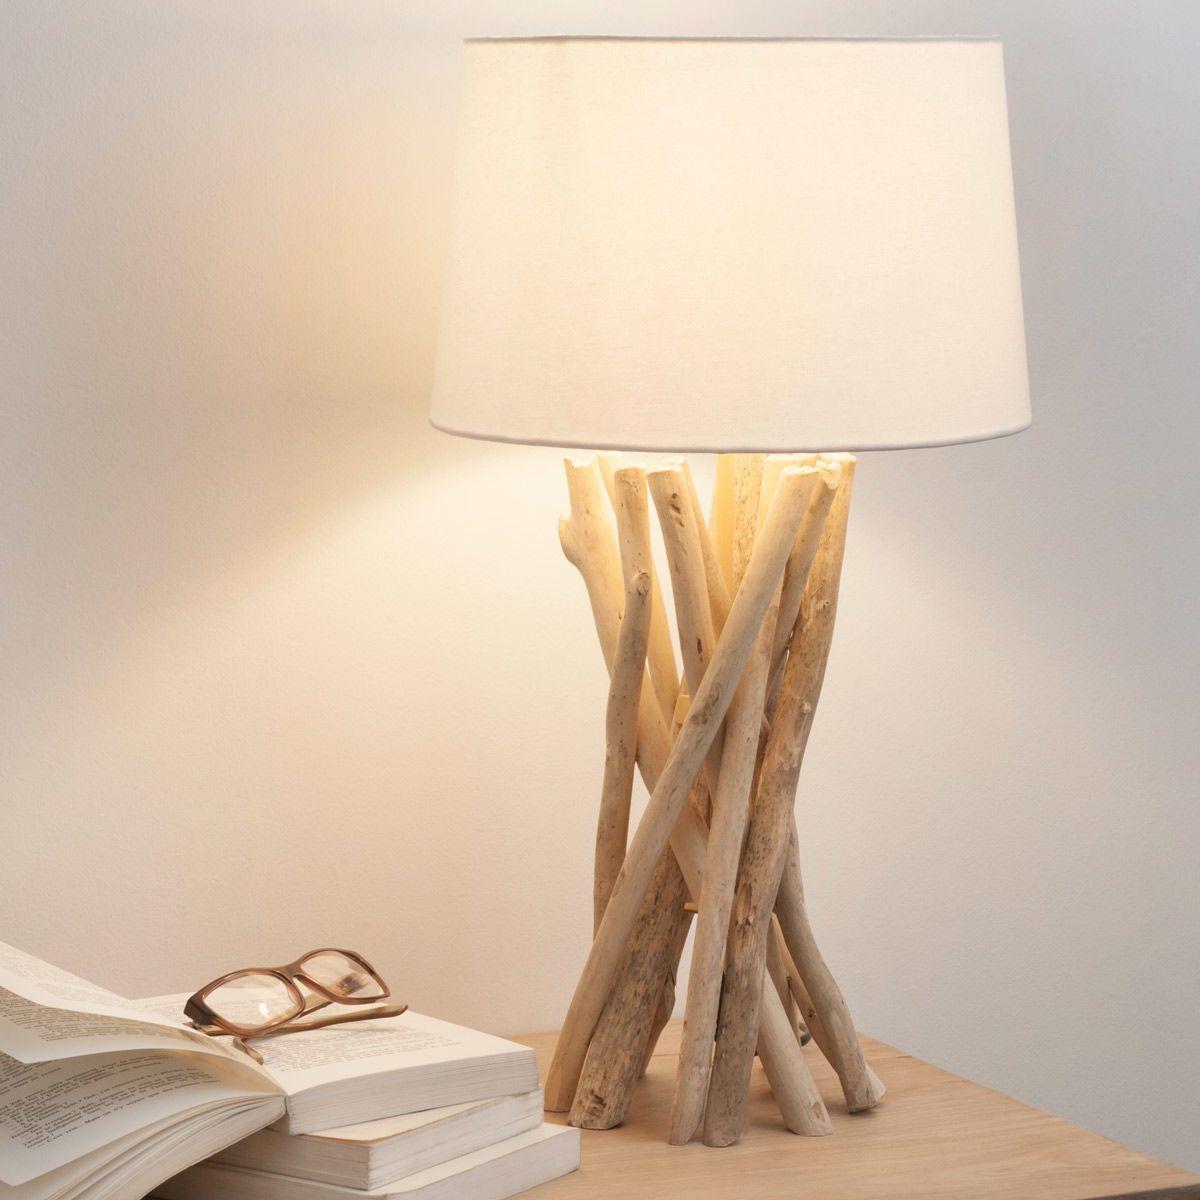 Lampe aus Treibholz mit Lampenschirm aus Baumwolle, H 55cm | Maisons du Monde